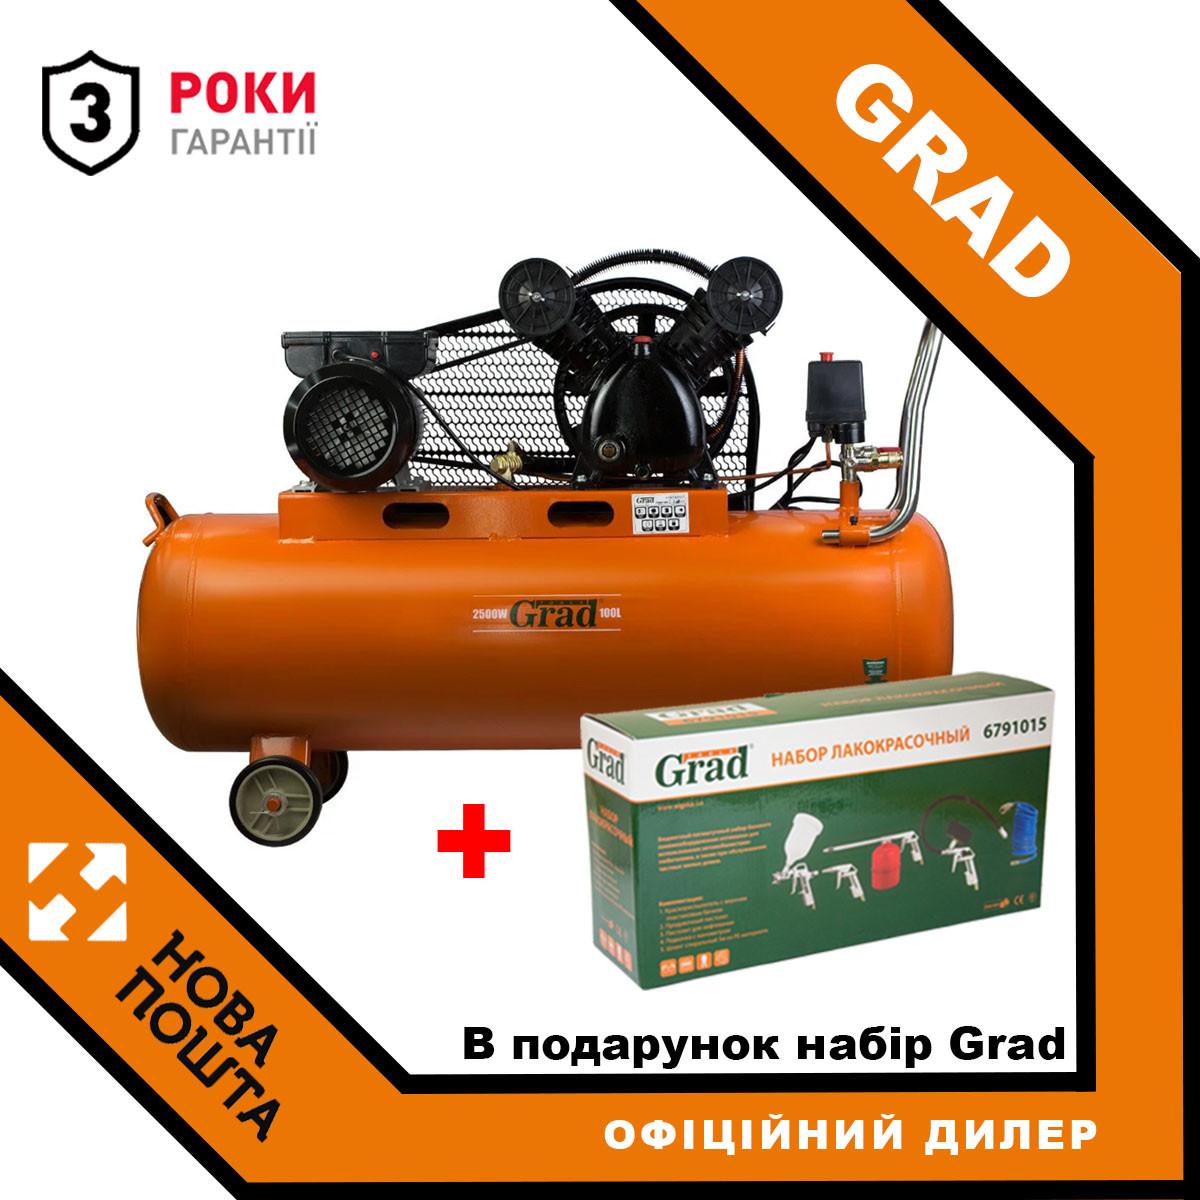 Компресор ремінною V 2.5 кВт 100л (2 крана) Grad (7044185) + Набір лакофарбовий 5шт з/б GRAD